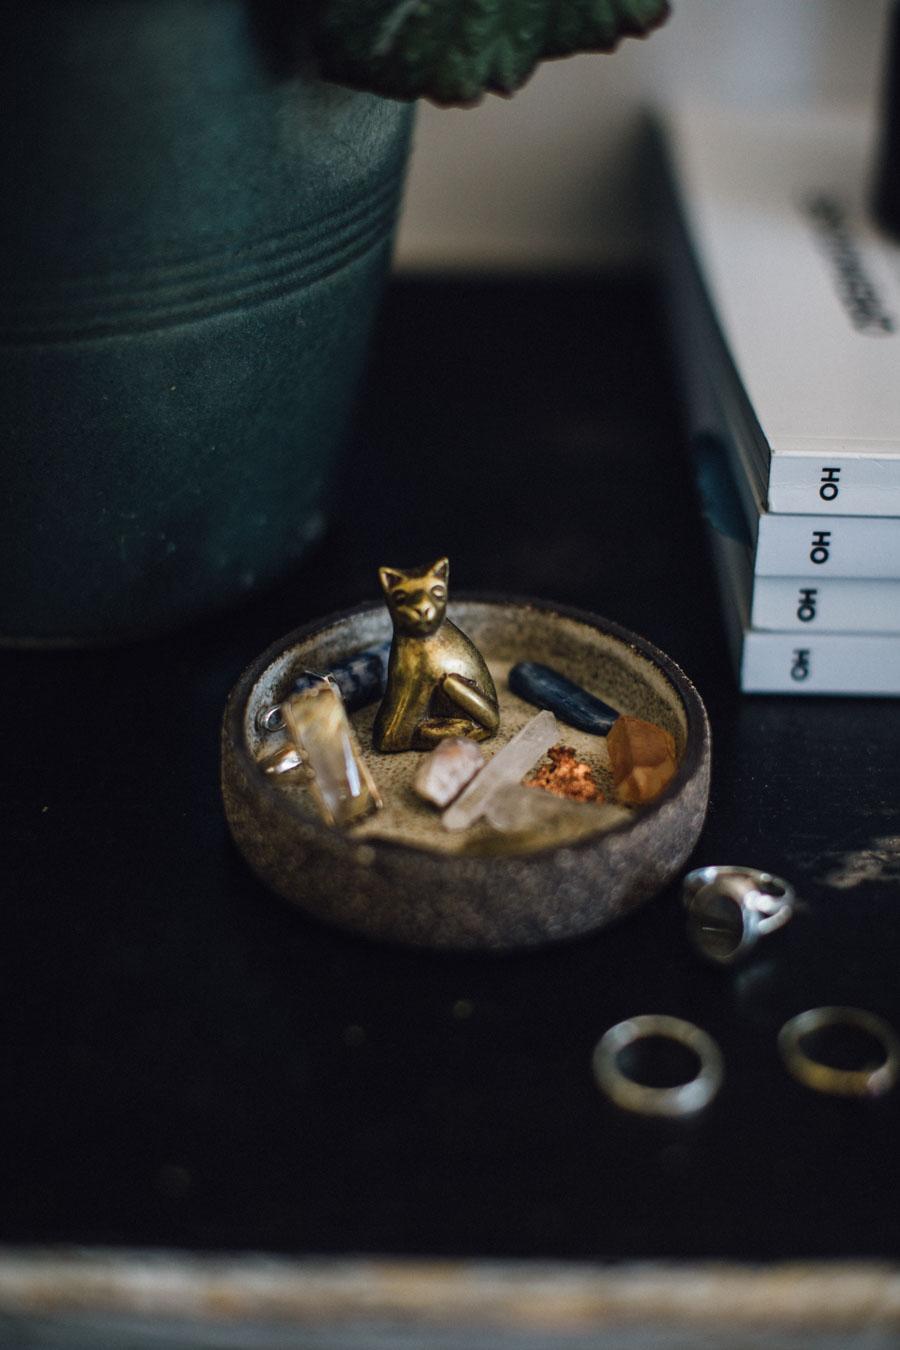 Bedroom treasures